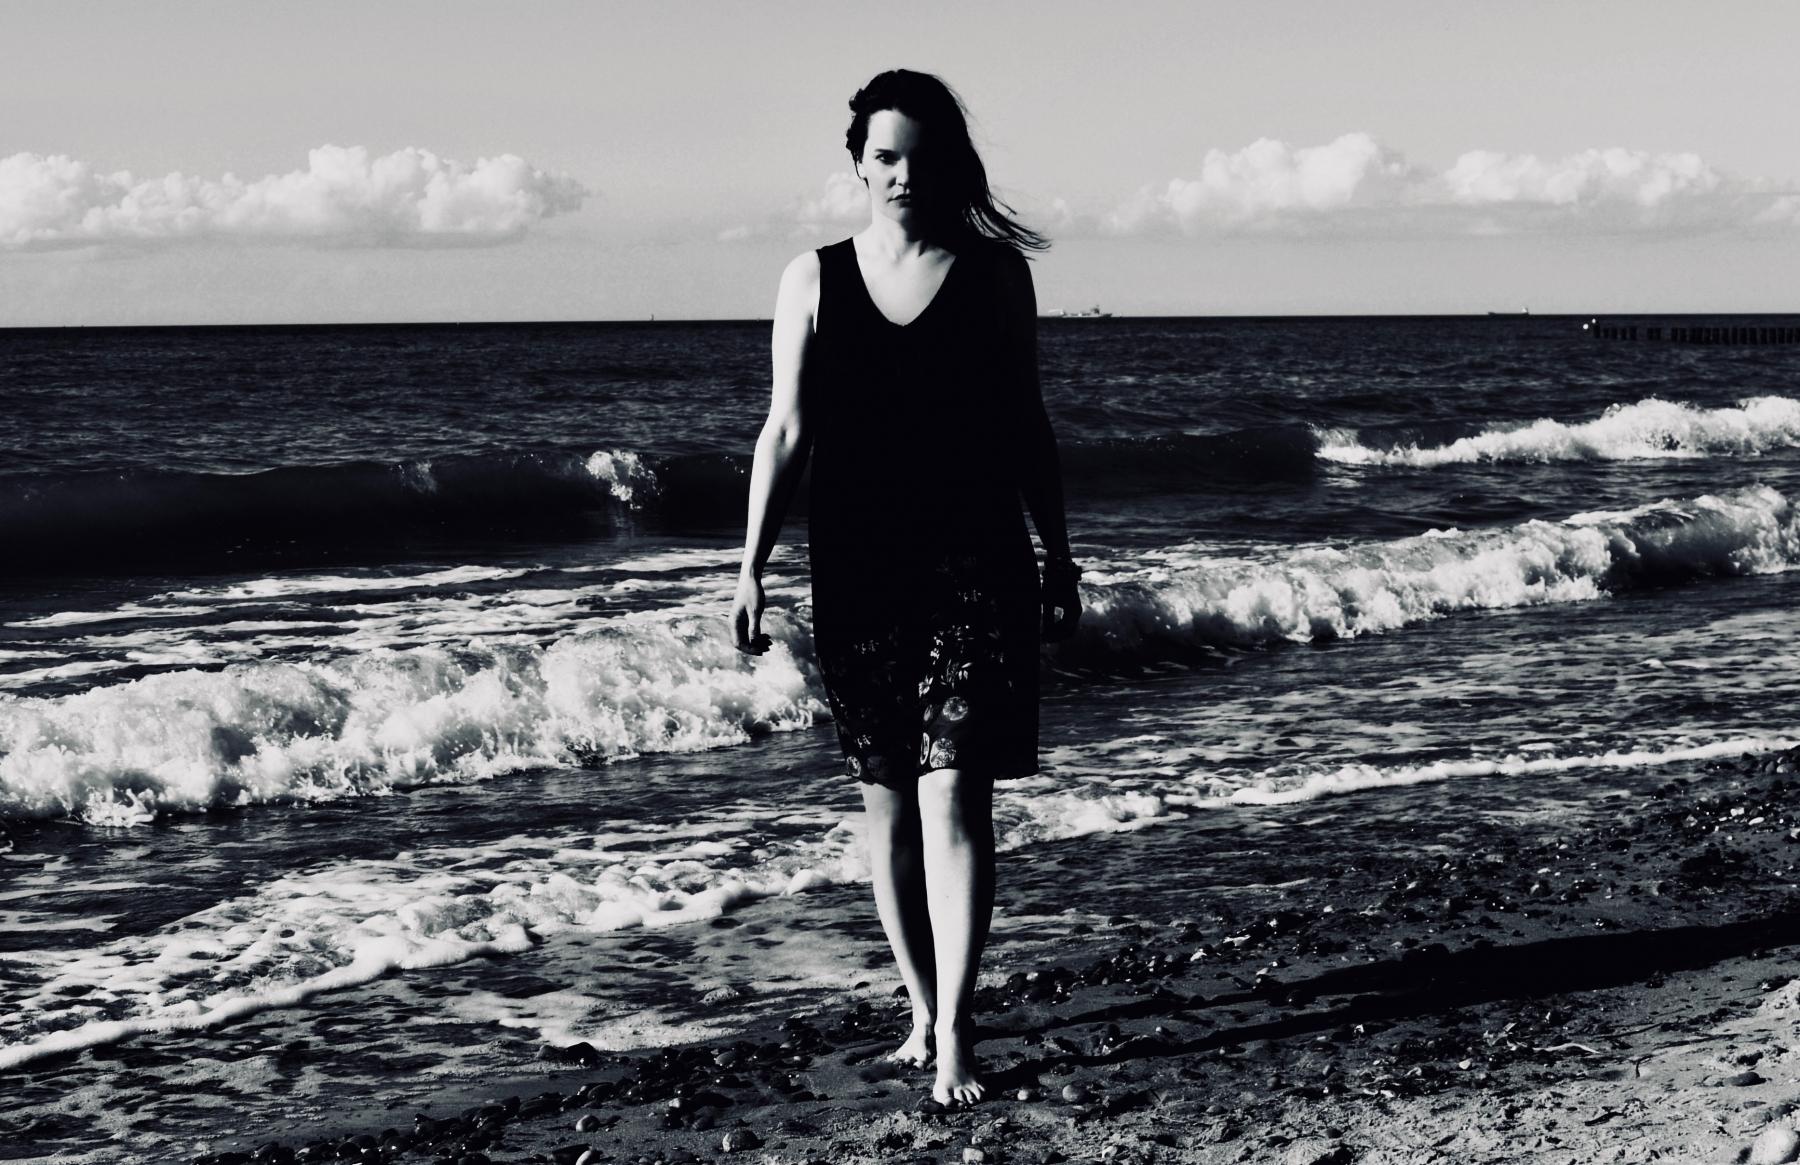 At the sea...